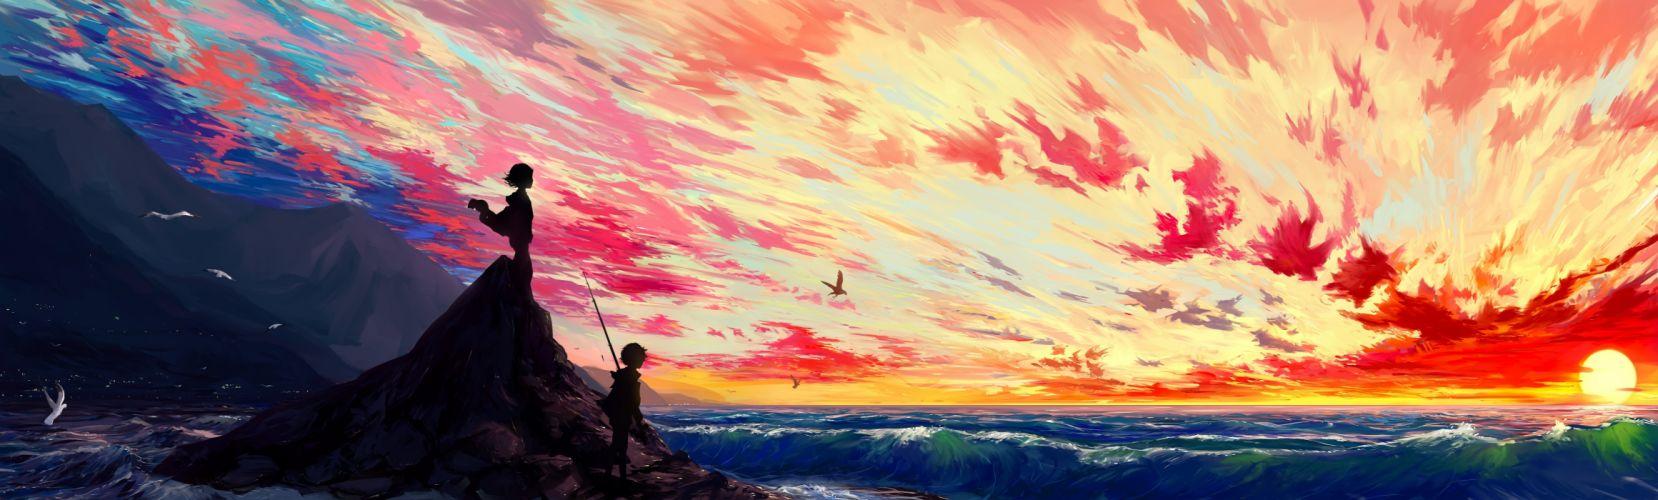 anime landscape scenic sunset illustration wallpaper